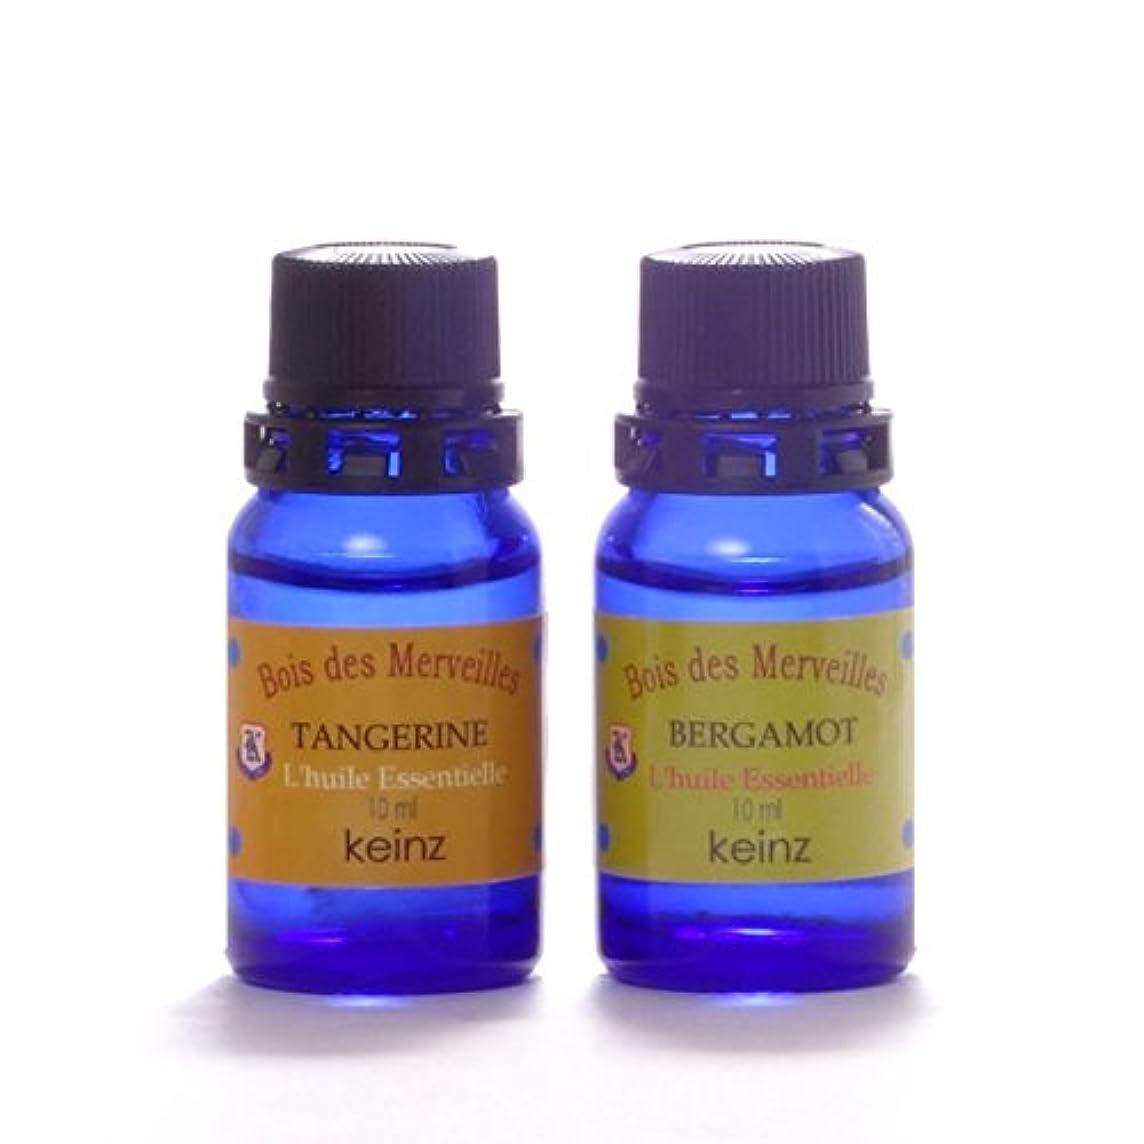 牧草地約オデュッセウスkeinzエッセンシャルオイル「タンジェリン10ml&ベルガモット10ml」2種1セット ケインズ正規品 製造国アメリカ 水蒸気蒸留法による100%無添加精油 人工香料は使っていません。